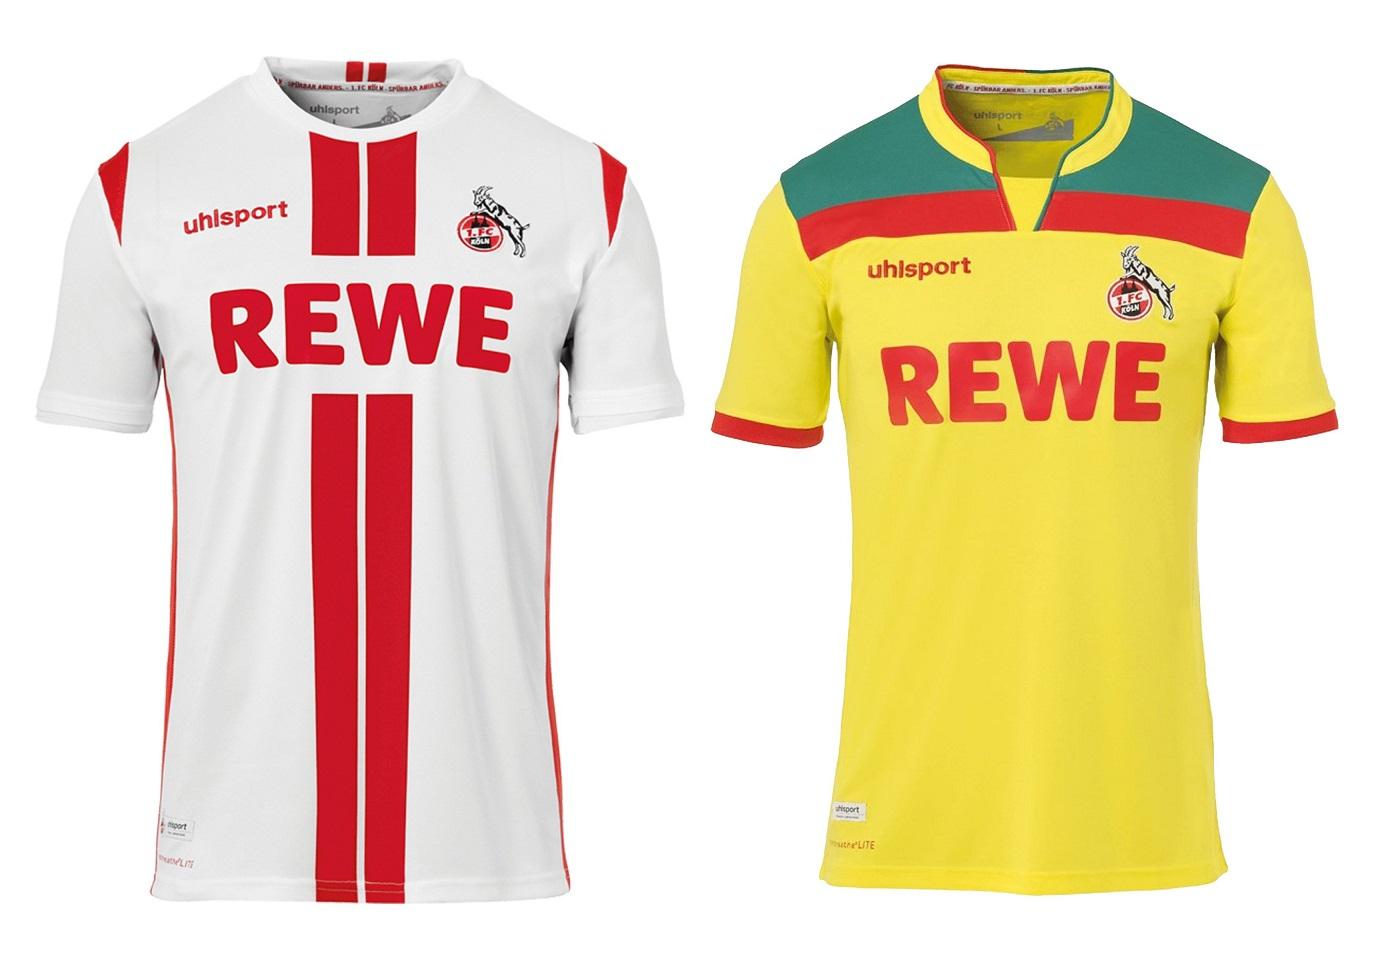 1. FC Köln Trikot Heim / Ausweich 20/21 (corporate benefits: 23,10€)